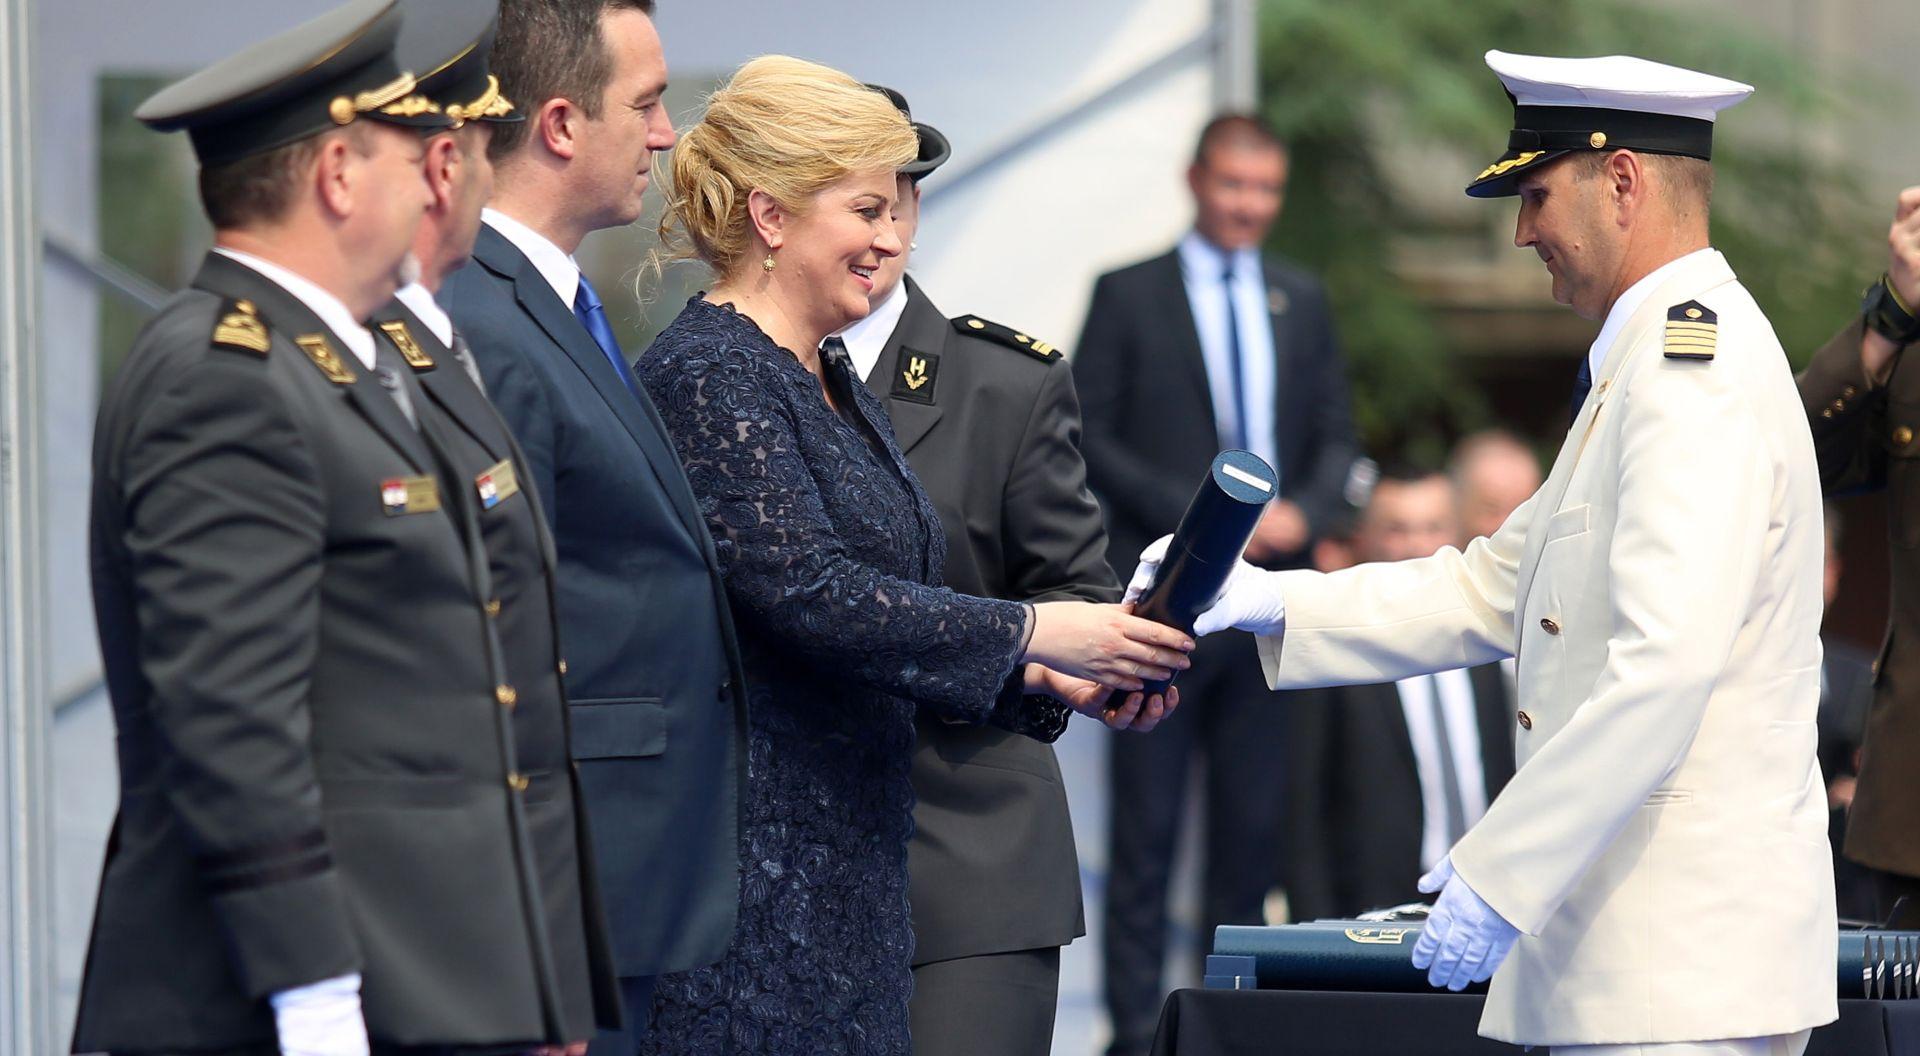 Predsjednica uručila diplome časnicima koji su završili izobrazbu